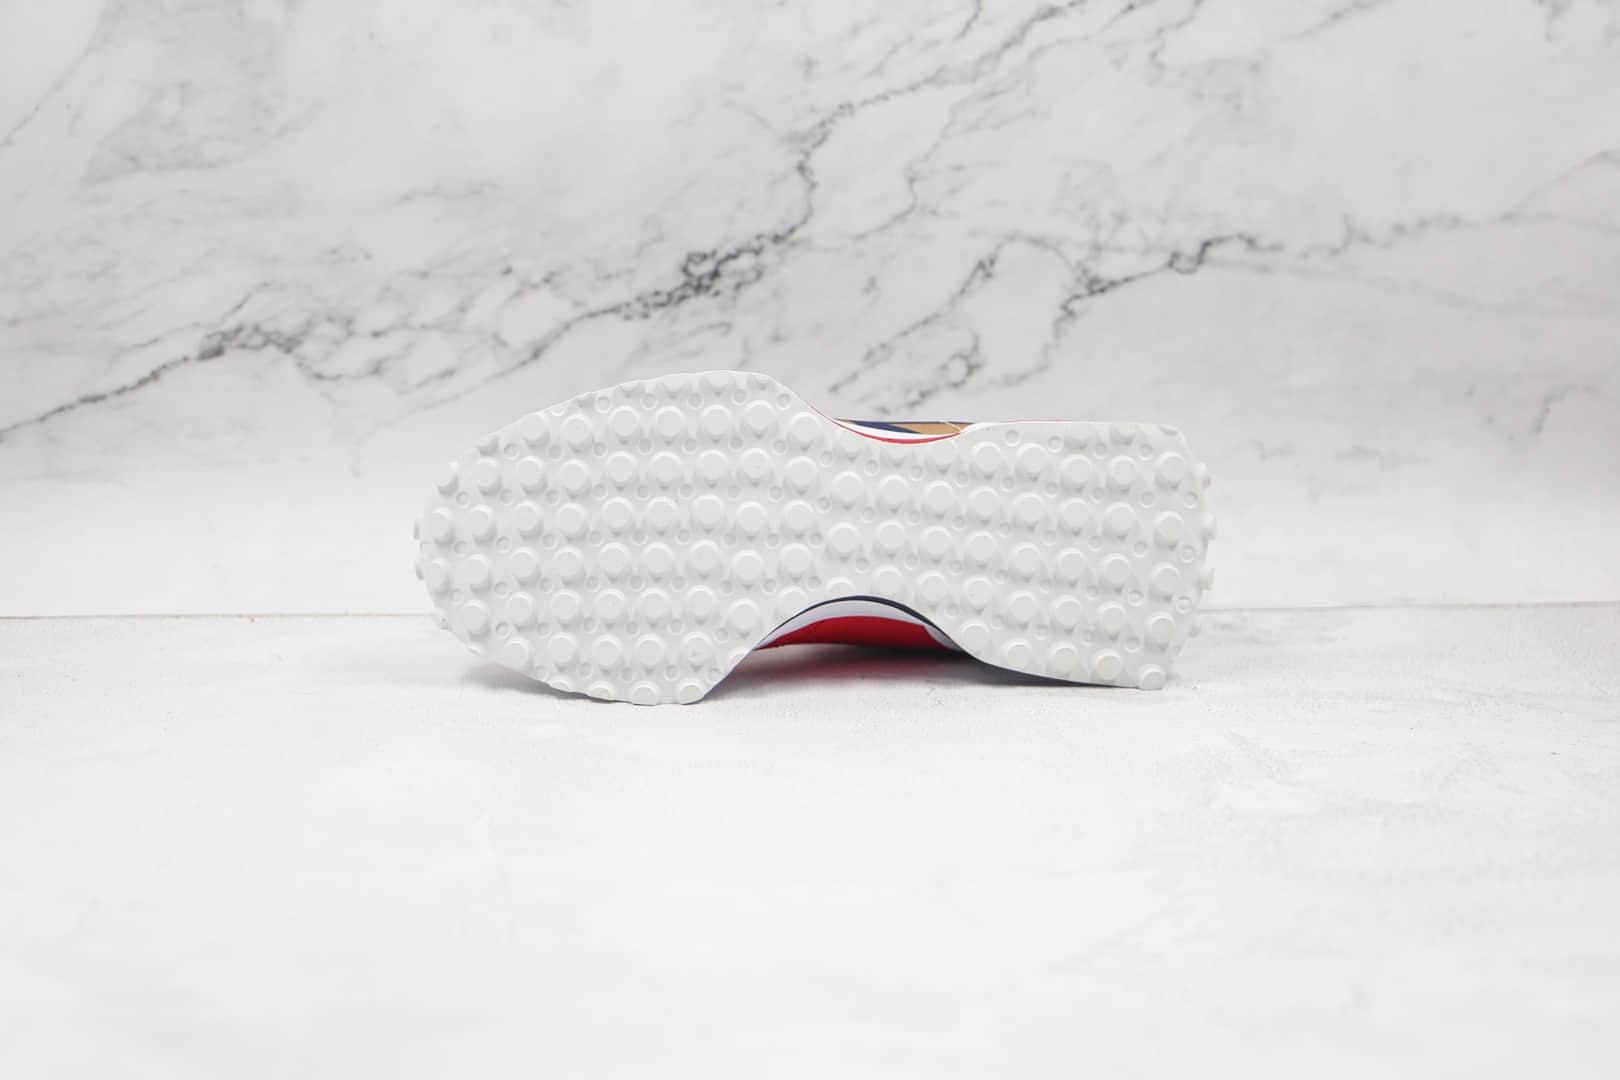 新百伦New Balance 327纯原版本复古慢跑鞋NB327网面白蓝鸳鸯配色原档案数据开发 货号:MS327BTK